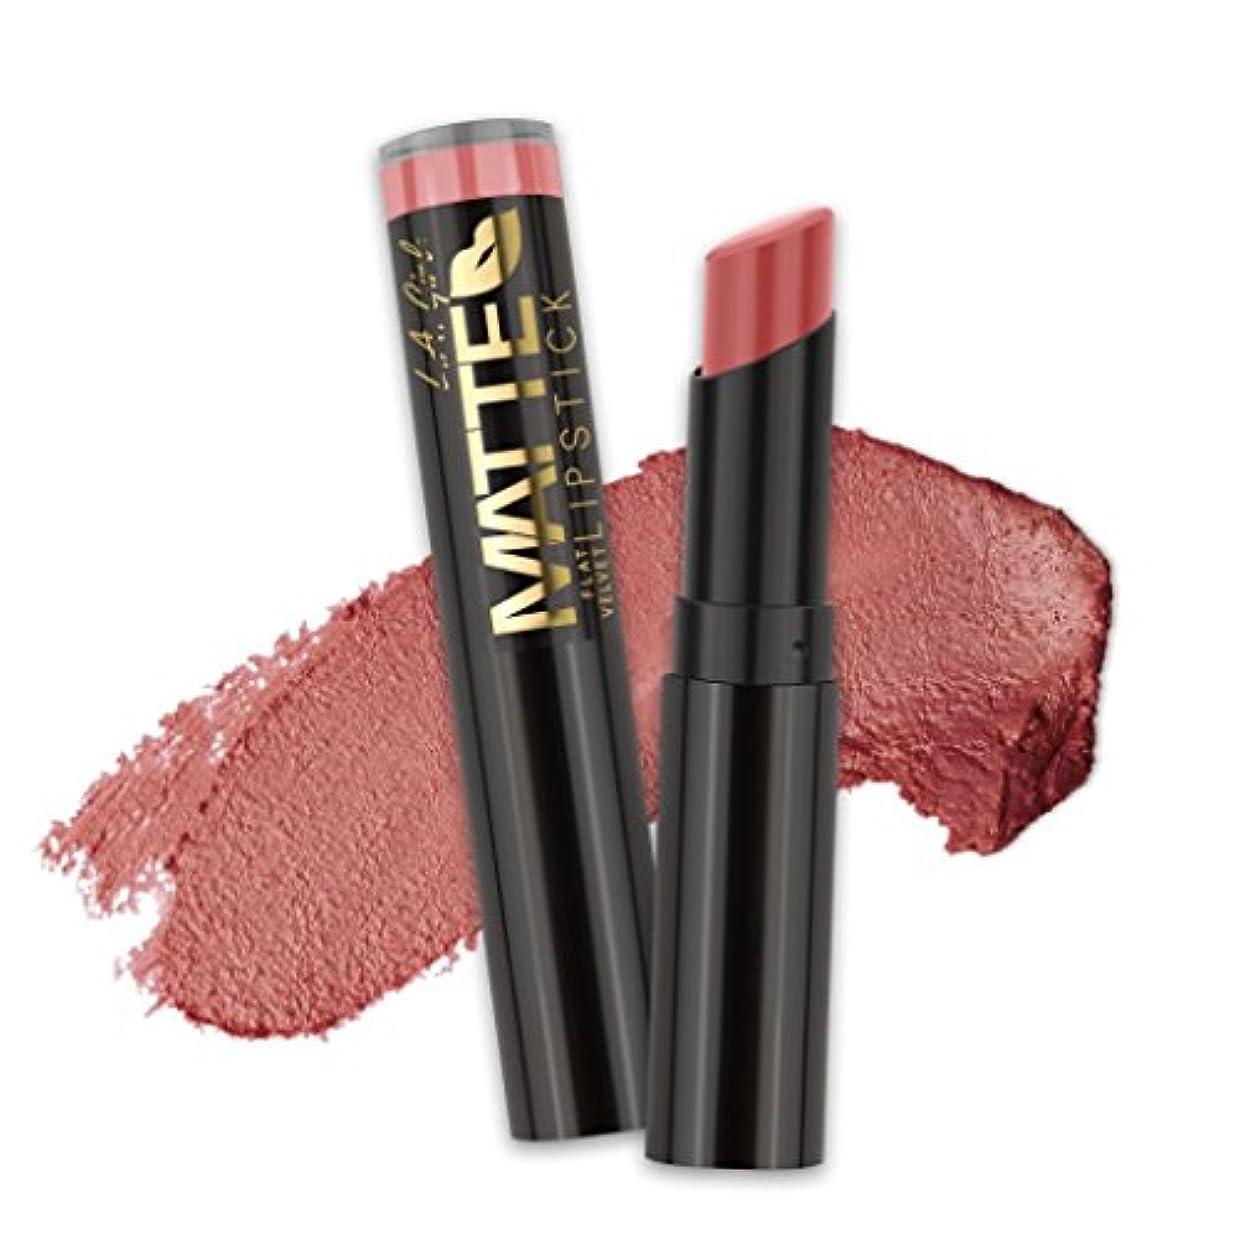 体現するマザーランドカバー(6 Pack) L.A. GIRL Matte Flat Velvet Lipstick - Hush (並行輸入品)